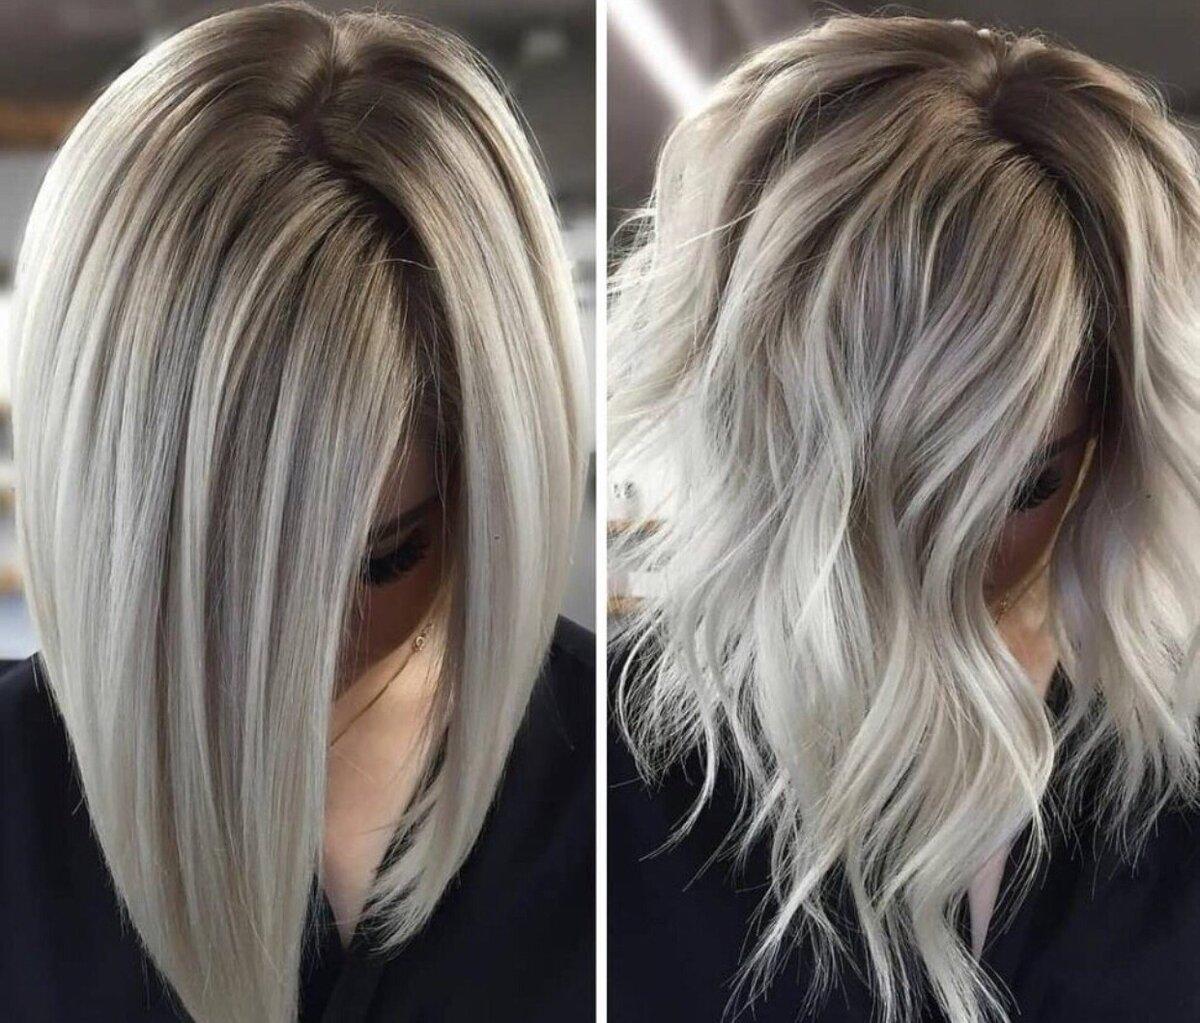 Секрети фарбування волосся вдома: від підбору правильного кольору до зафарбовування сивини